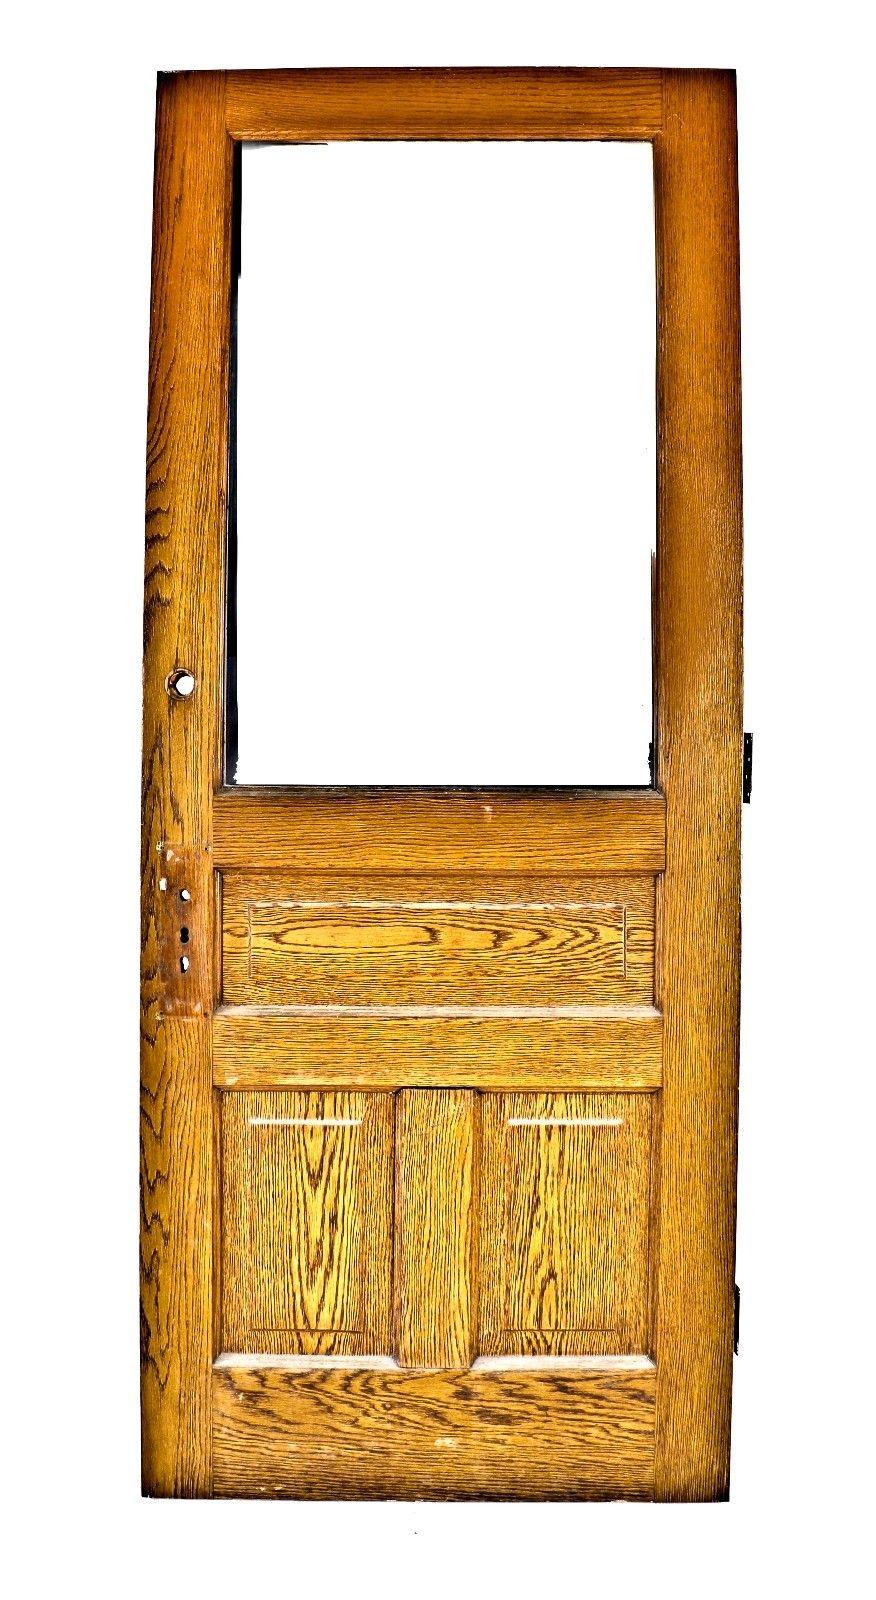 Original C 1885 Salvaged Chicago Solid Golden Oak Exterior Salvaged